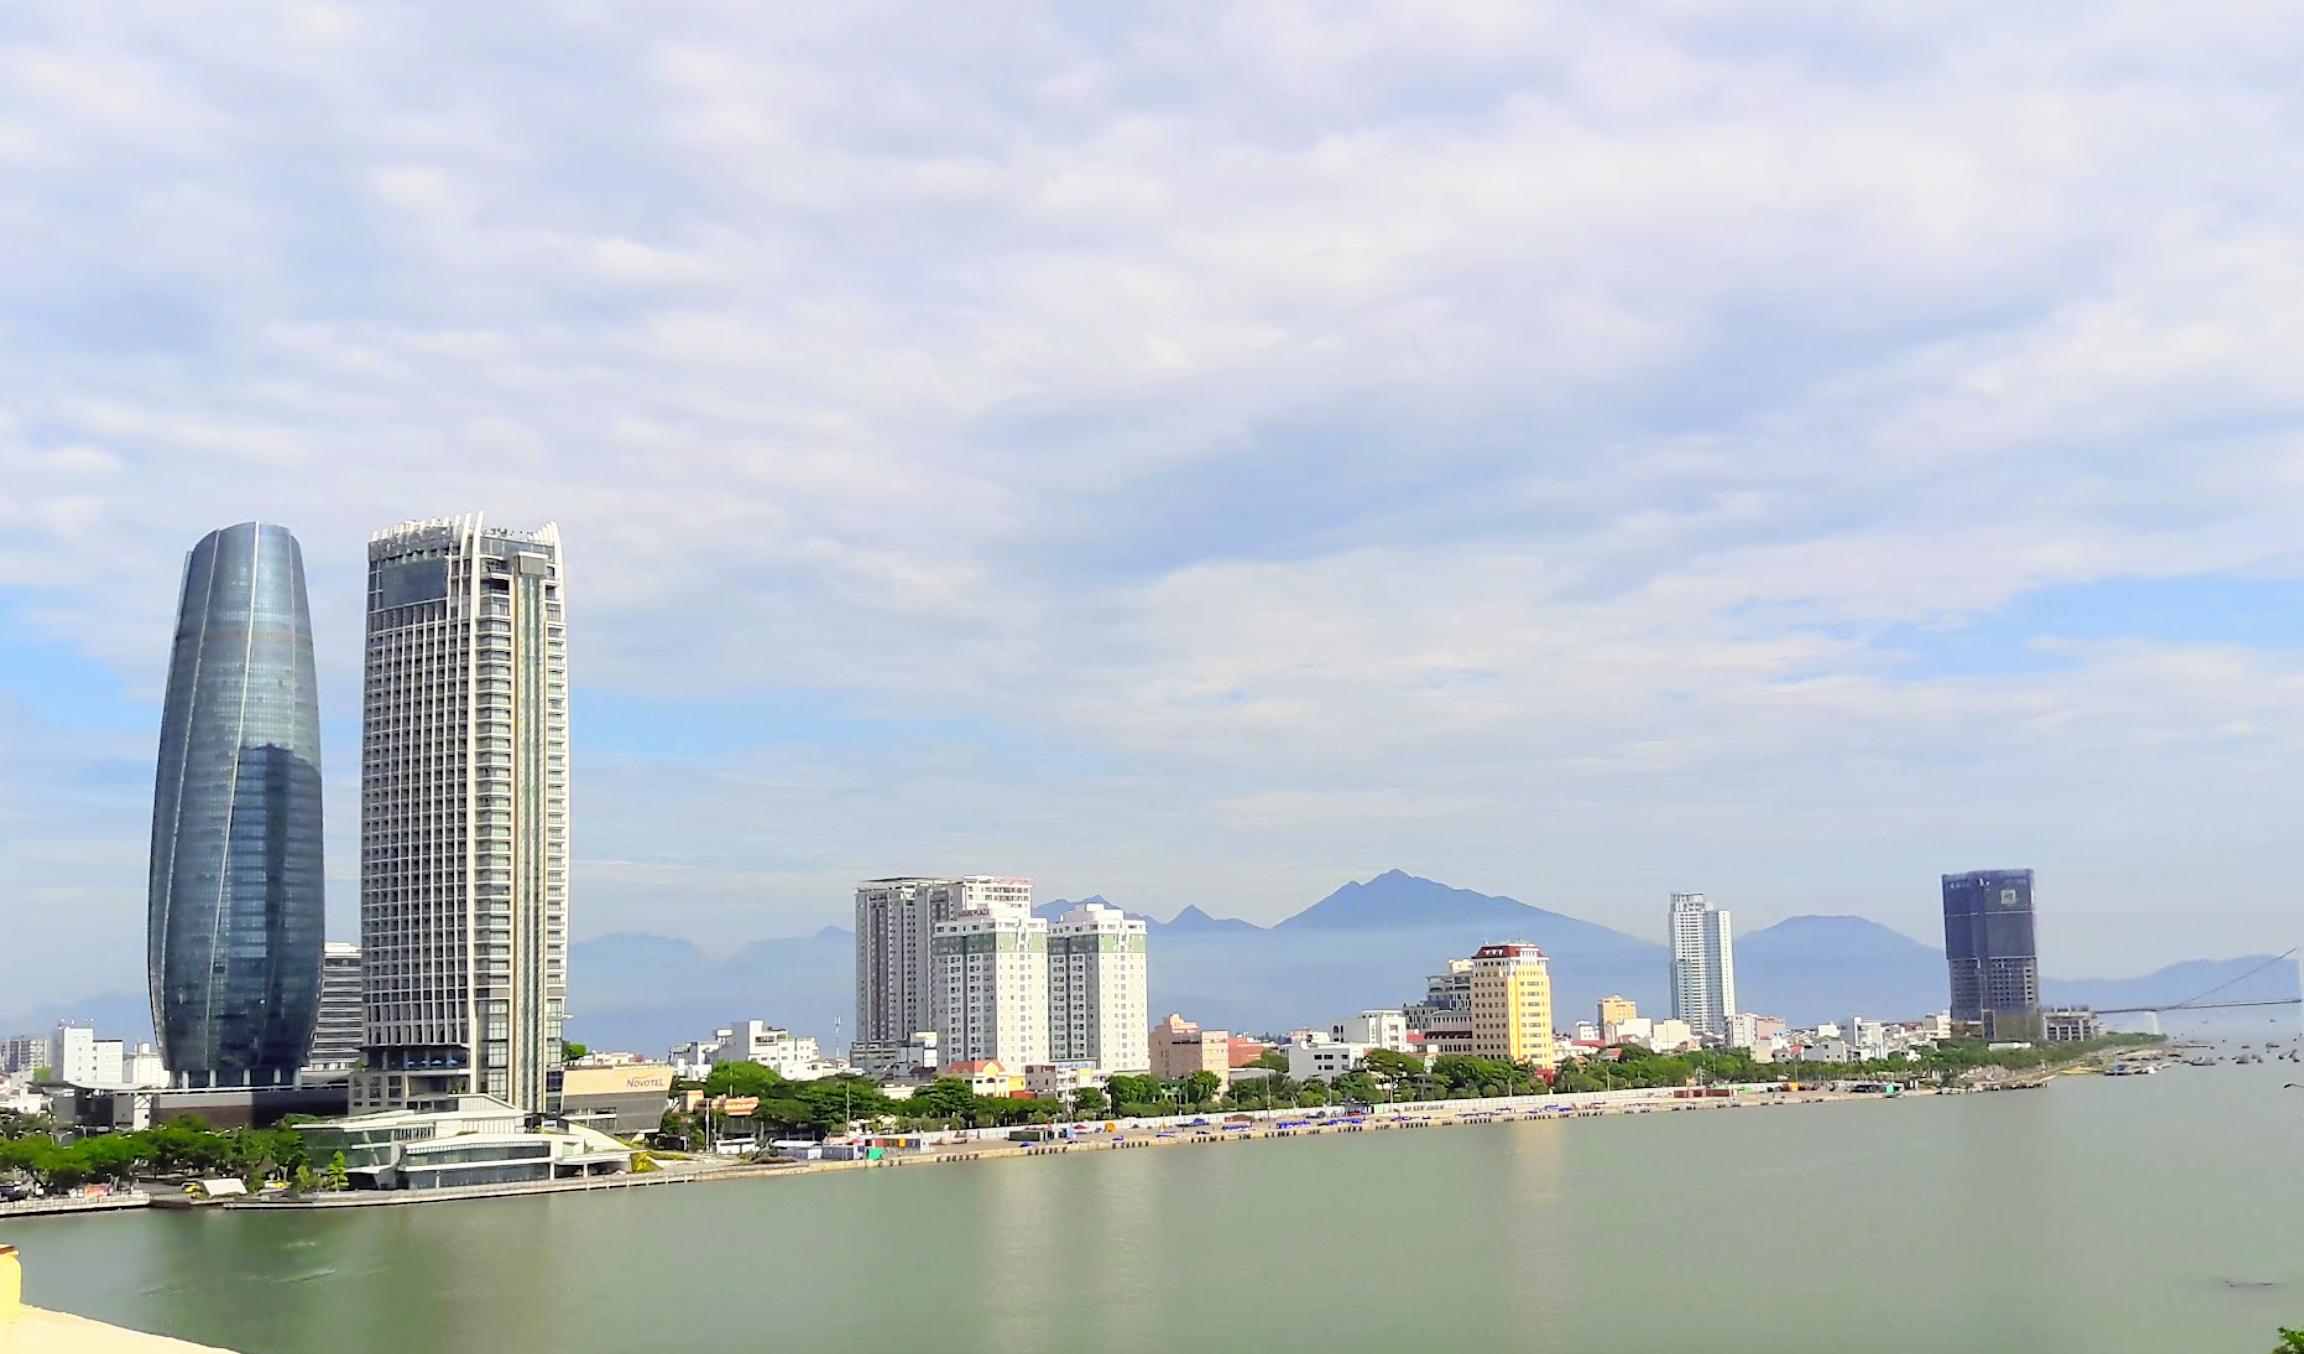 Khu đất tại KCN Đà Nẵng mà FPT sẽ chuyển mục đích sử dụng đất, xây dựng chung cư cao cấp có vị trí gần Vincom, gần biển Mỹ Khê - Ảnh 10.